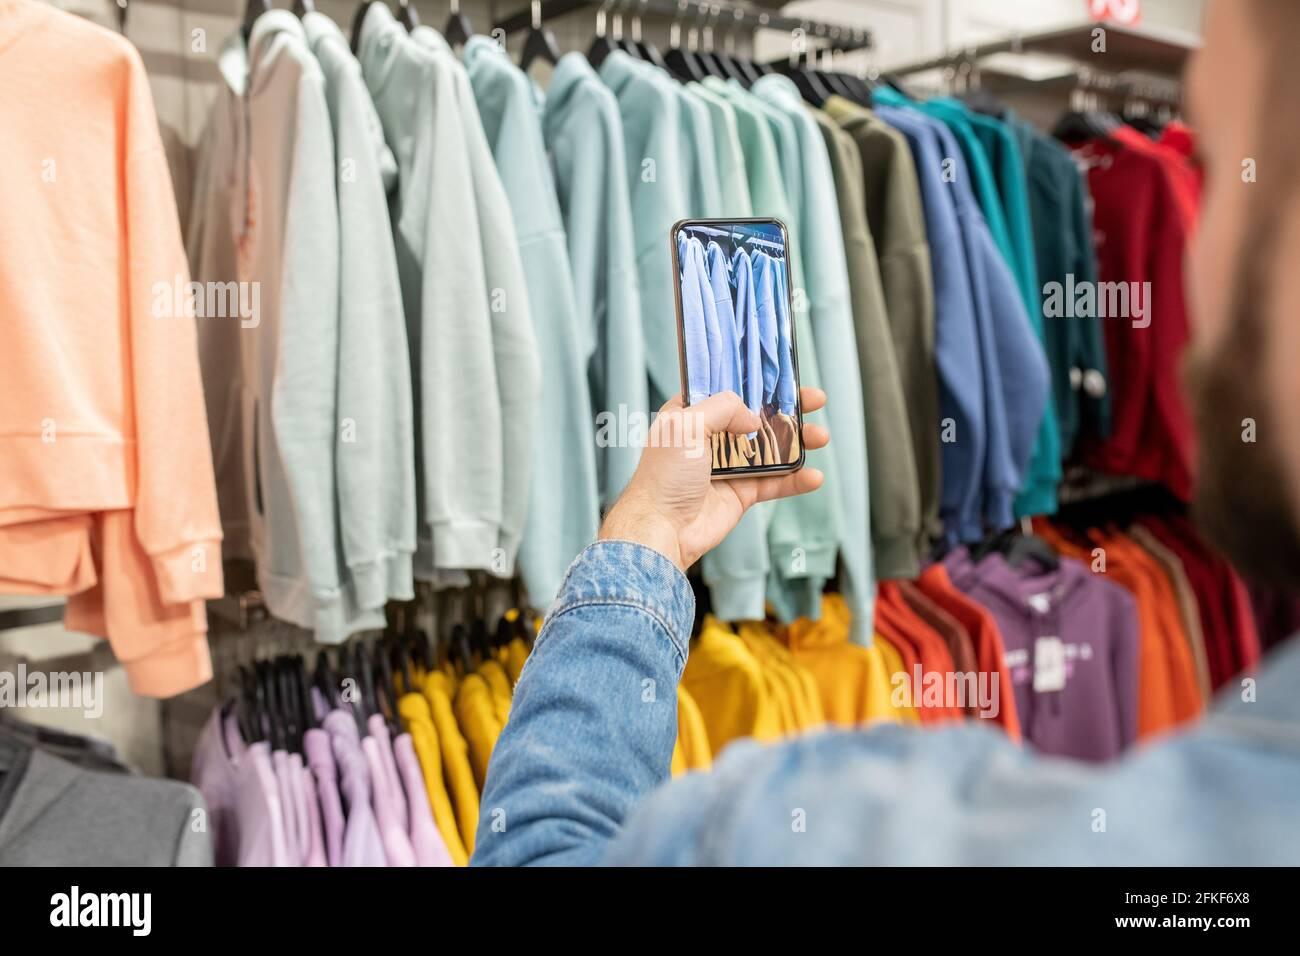 Una persona che scatta foto della nuova collezione di moda durante lo shopping Foto Stock